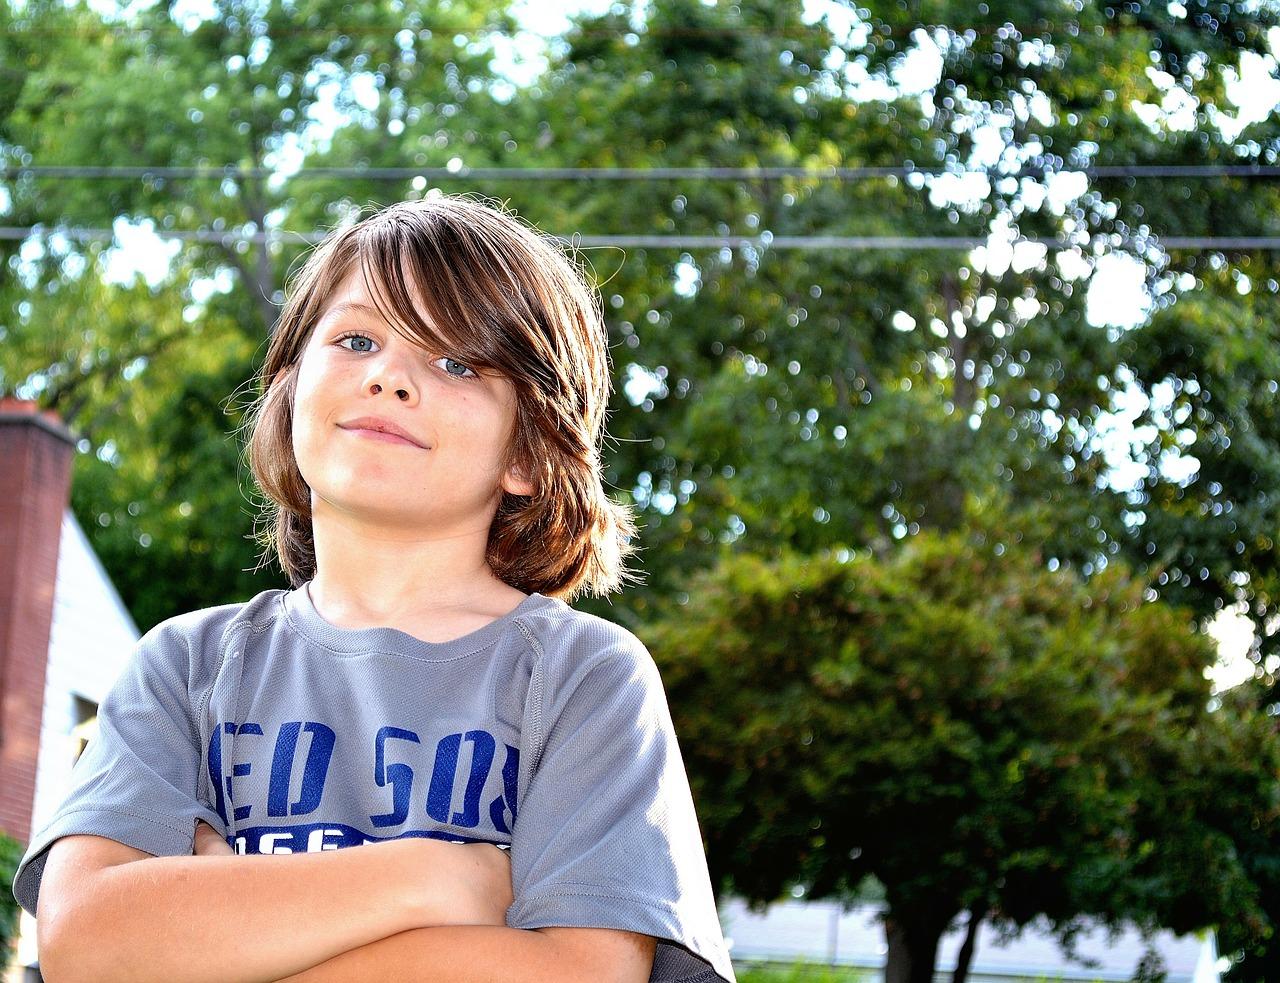 boy-183306_1280.jpg